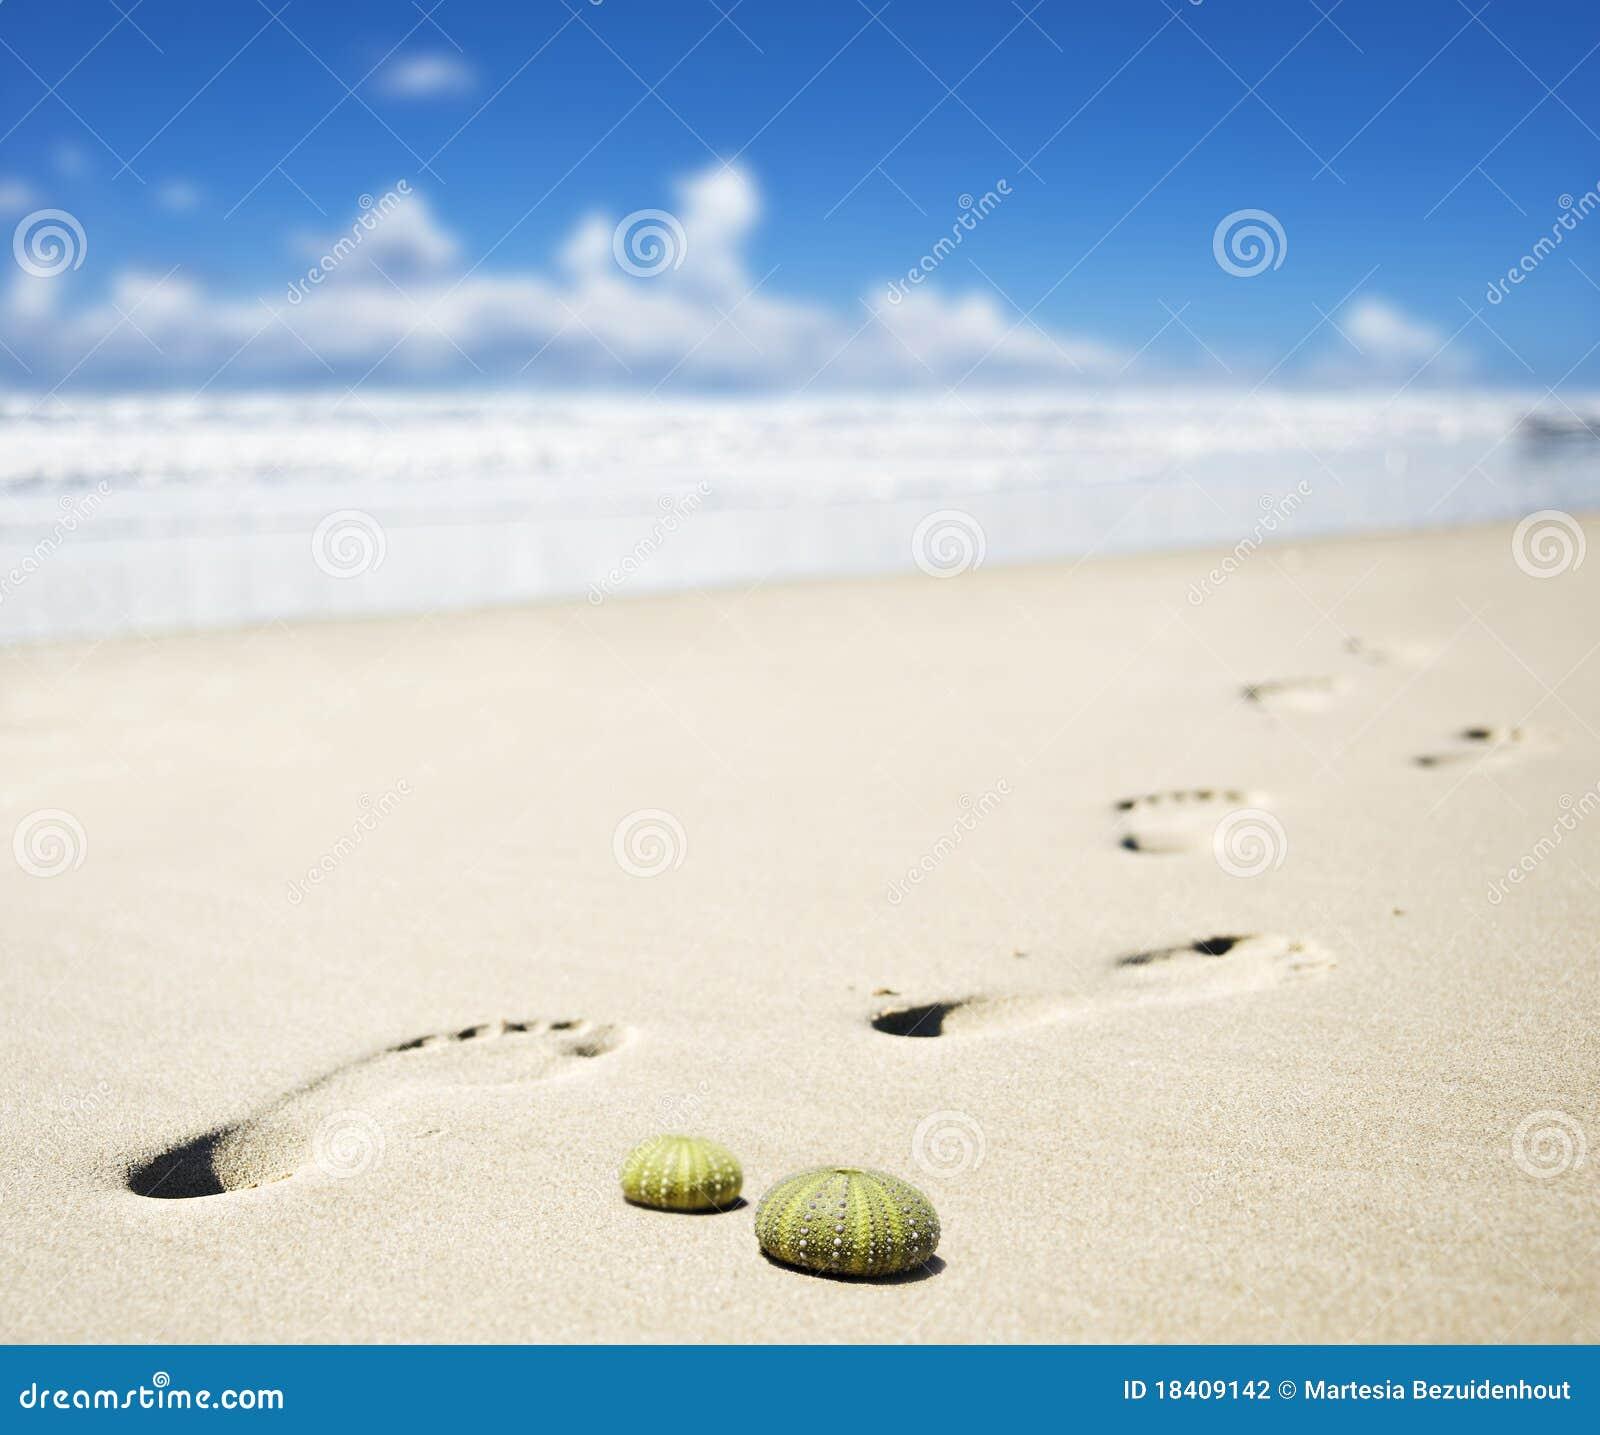 Sandy Beach: Foot Prints On A Sandy Beach Stock Photography